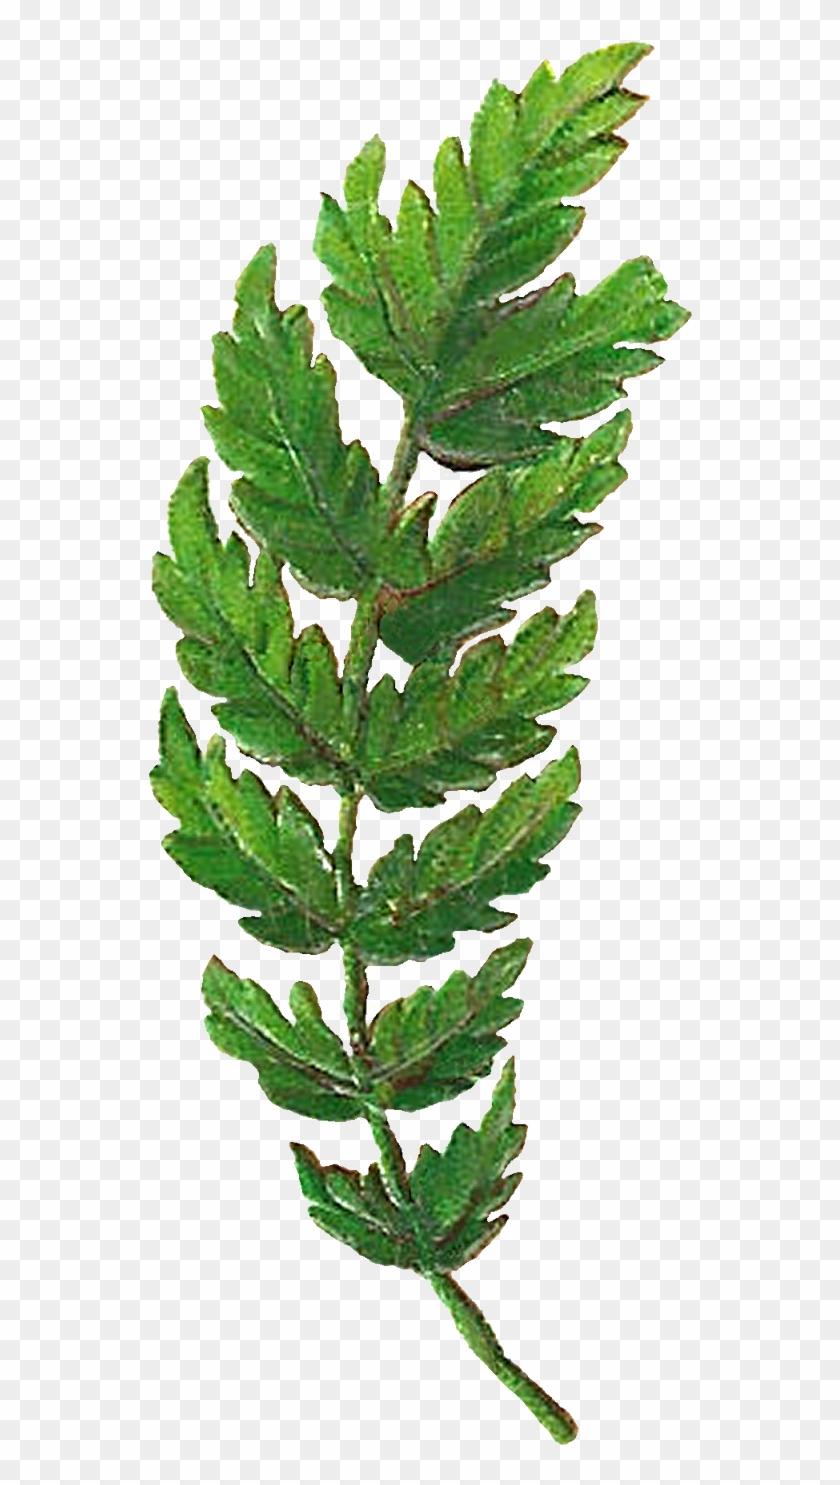 Botany Clipart Vintage Clip Art Flower PNG JPG Clipart Vintage Illustration Digital Download PNG Illustration Digital Graphic 2250